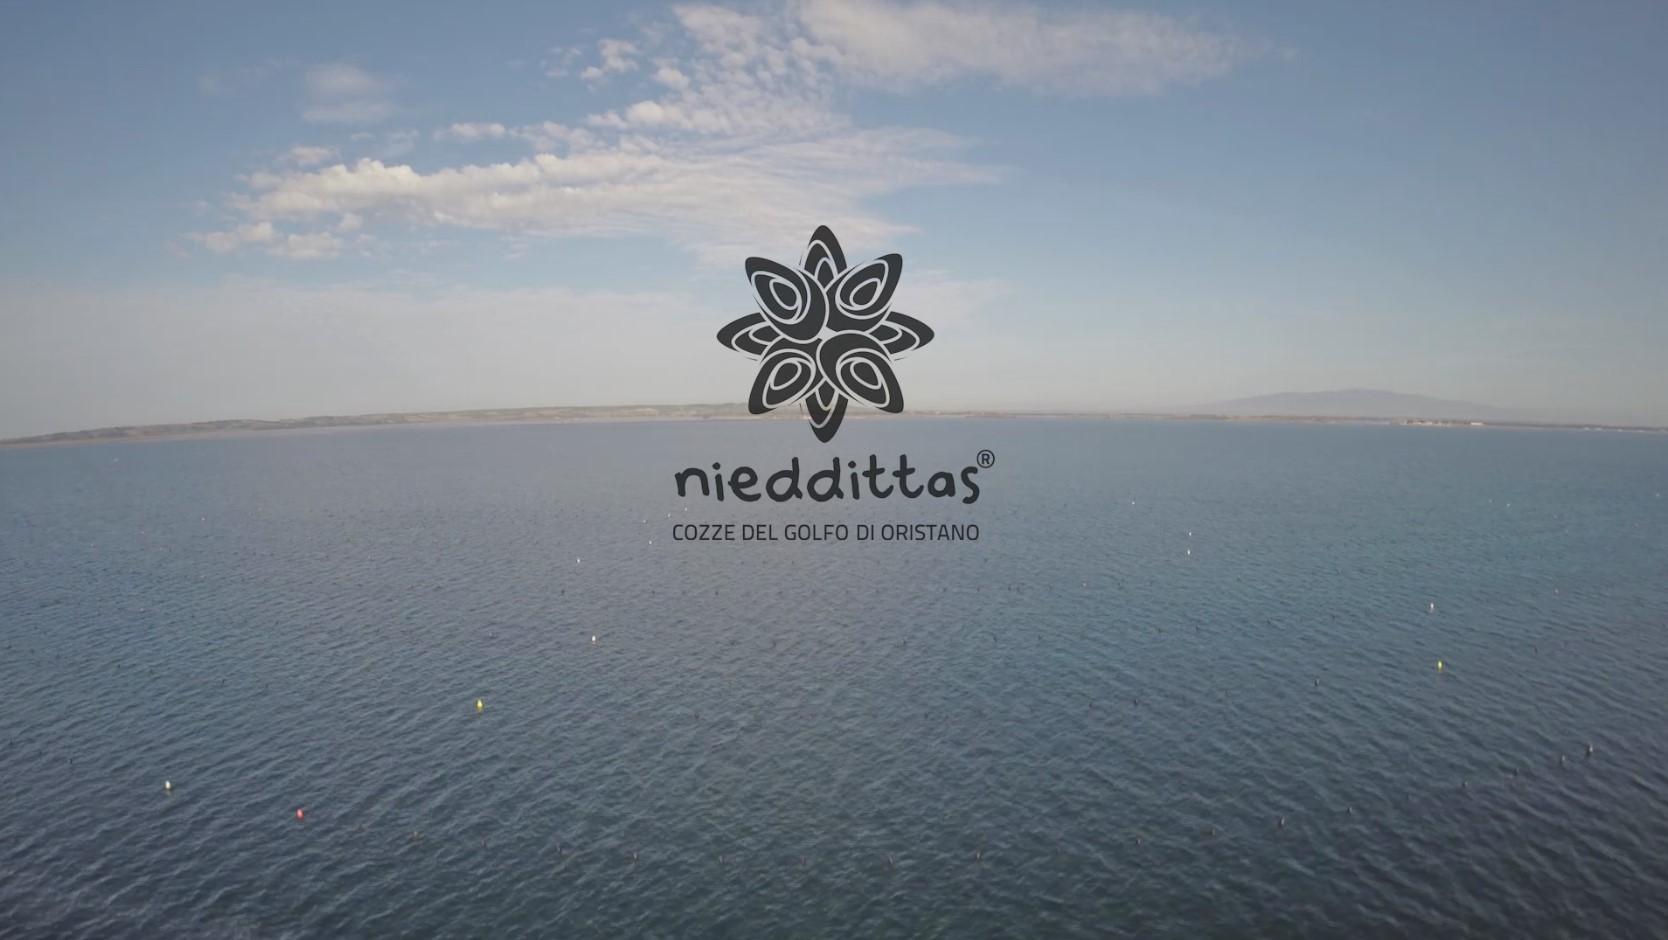 Il video della 1^ fase di lavorazione delle Nieddittas: l'allevamento.